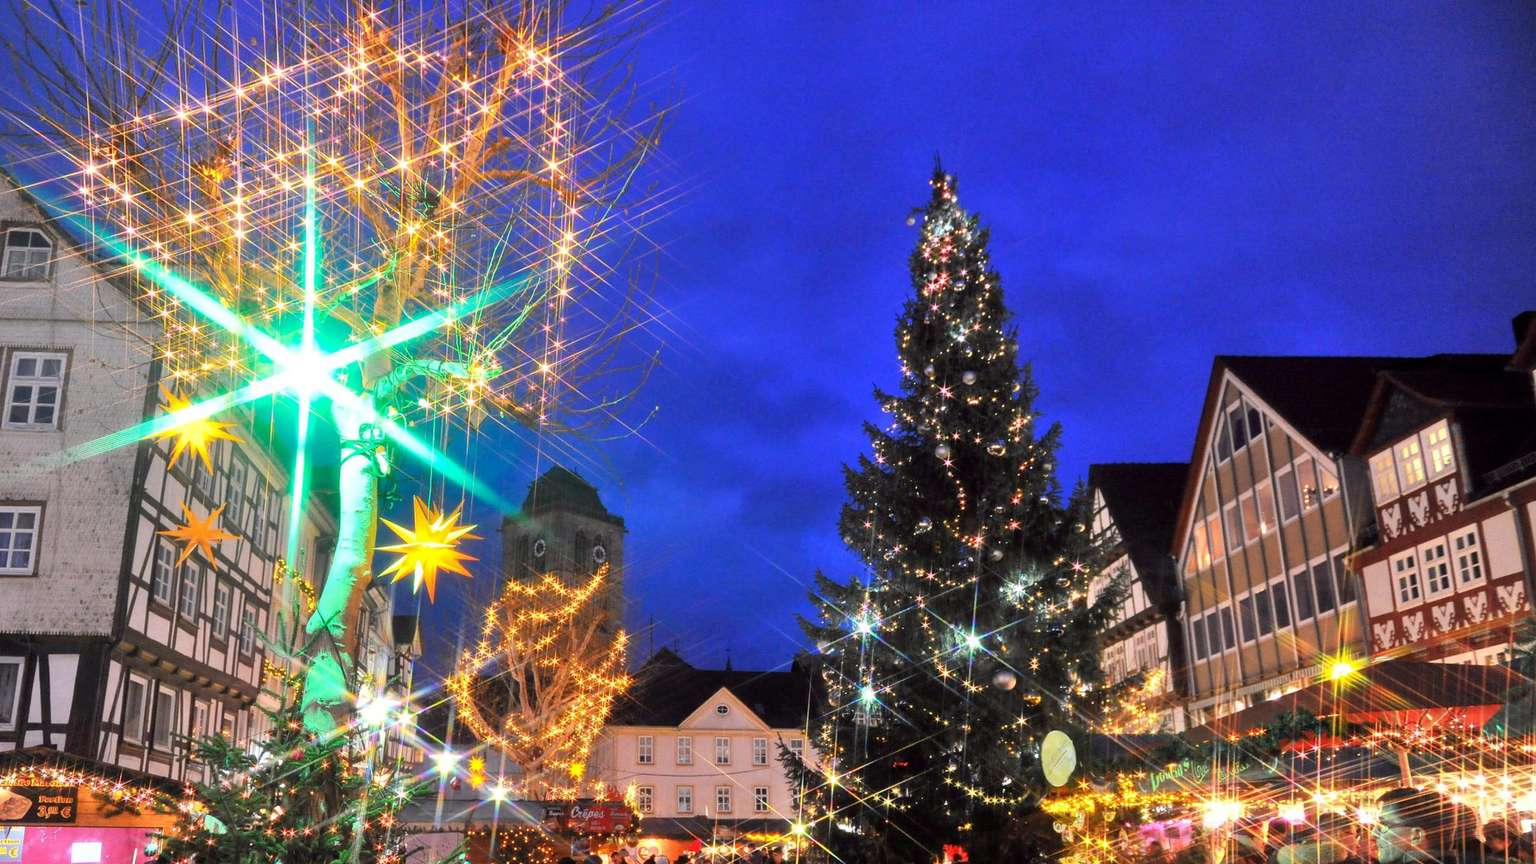 Leider kein Weihnachtsmarkt, jedoch weihnachtliches Flair in der Stadt